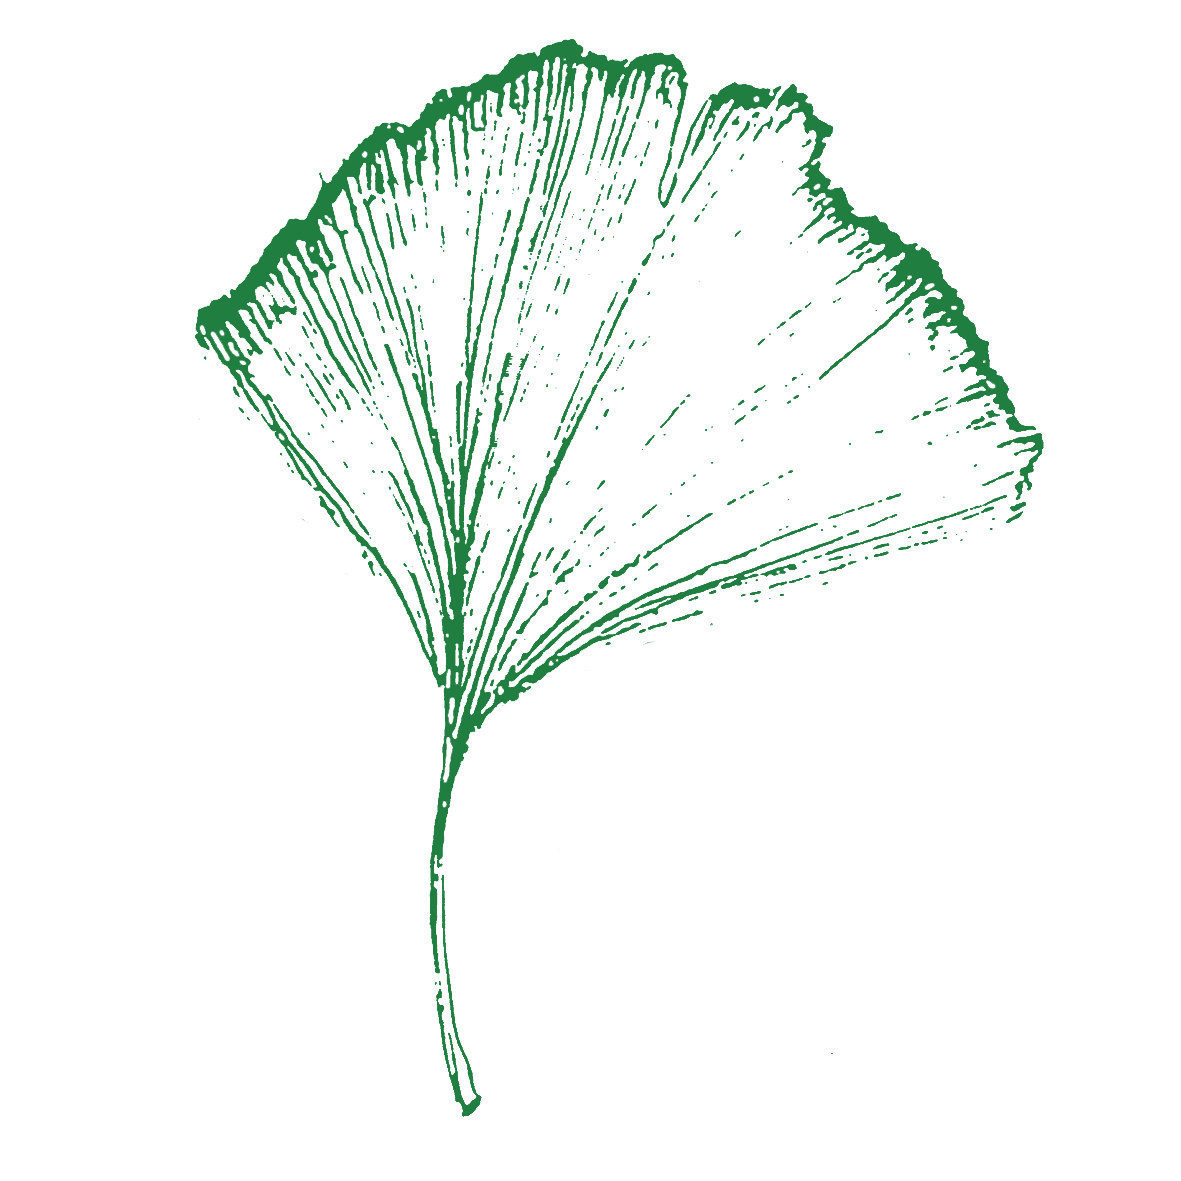 Logo Goennerverein Gruen